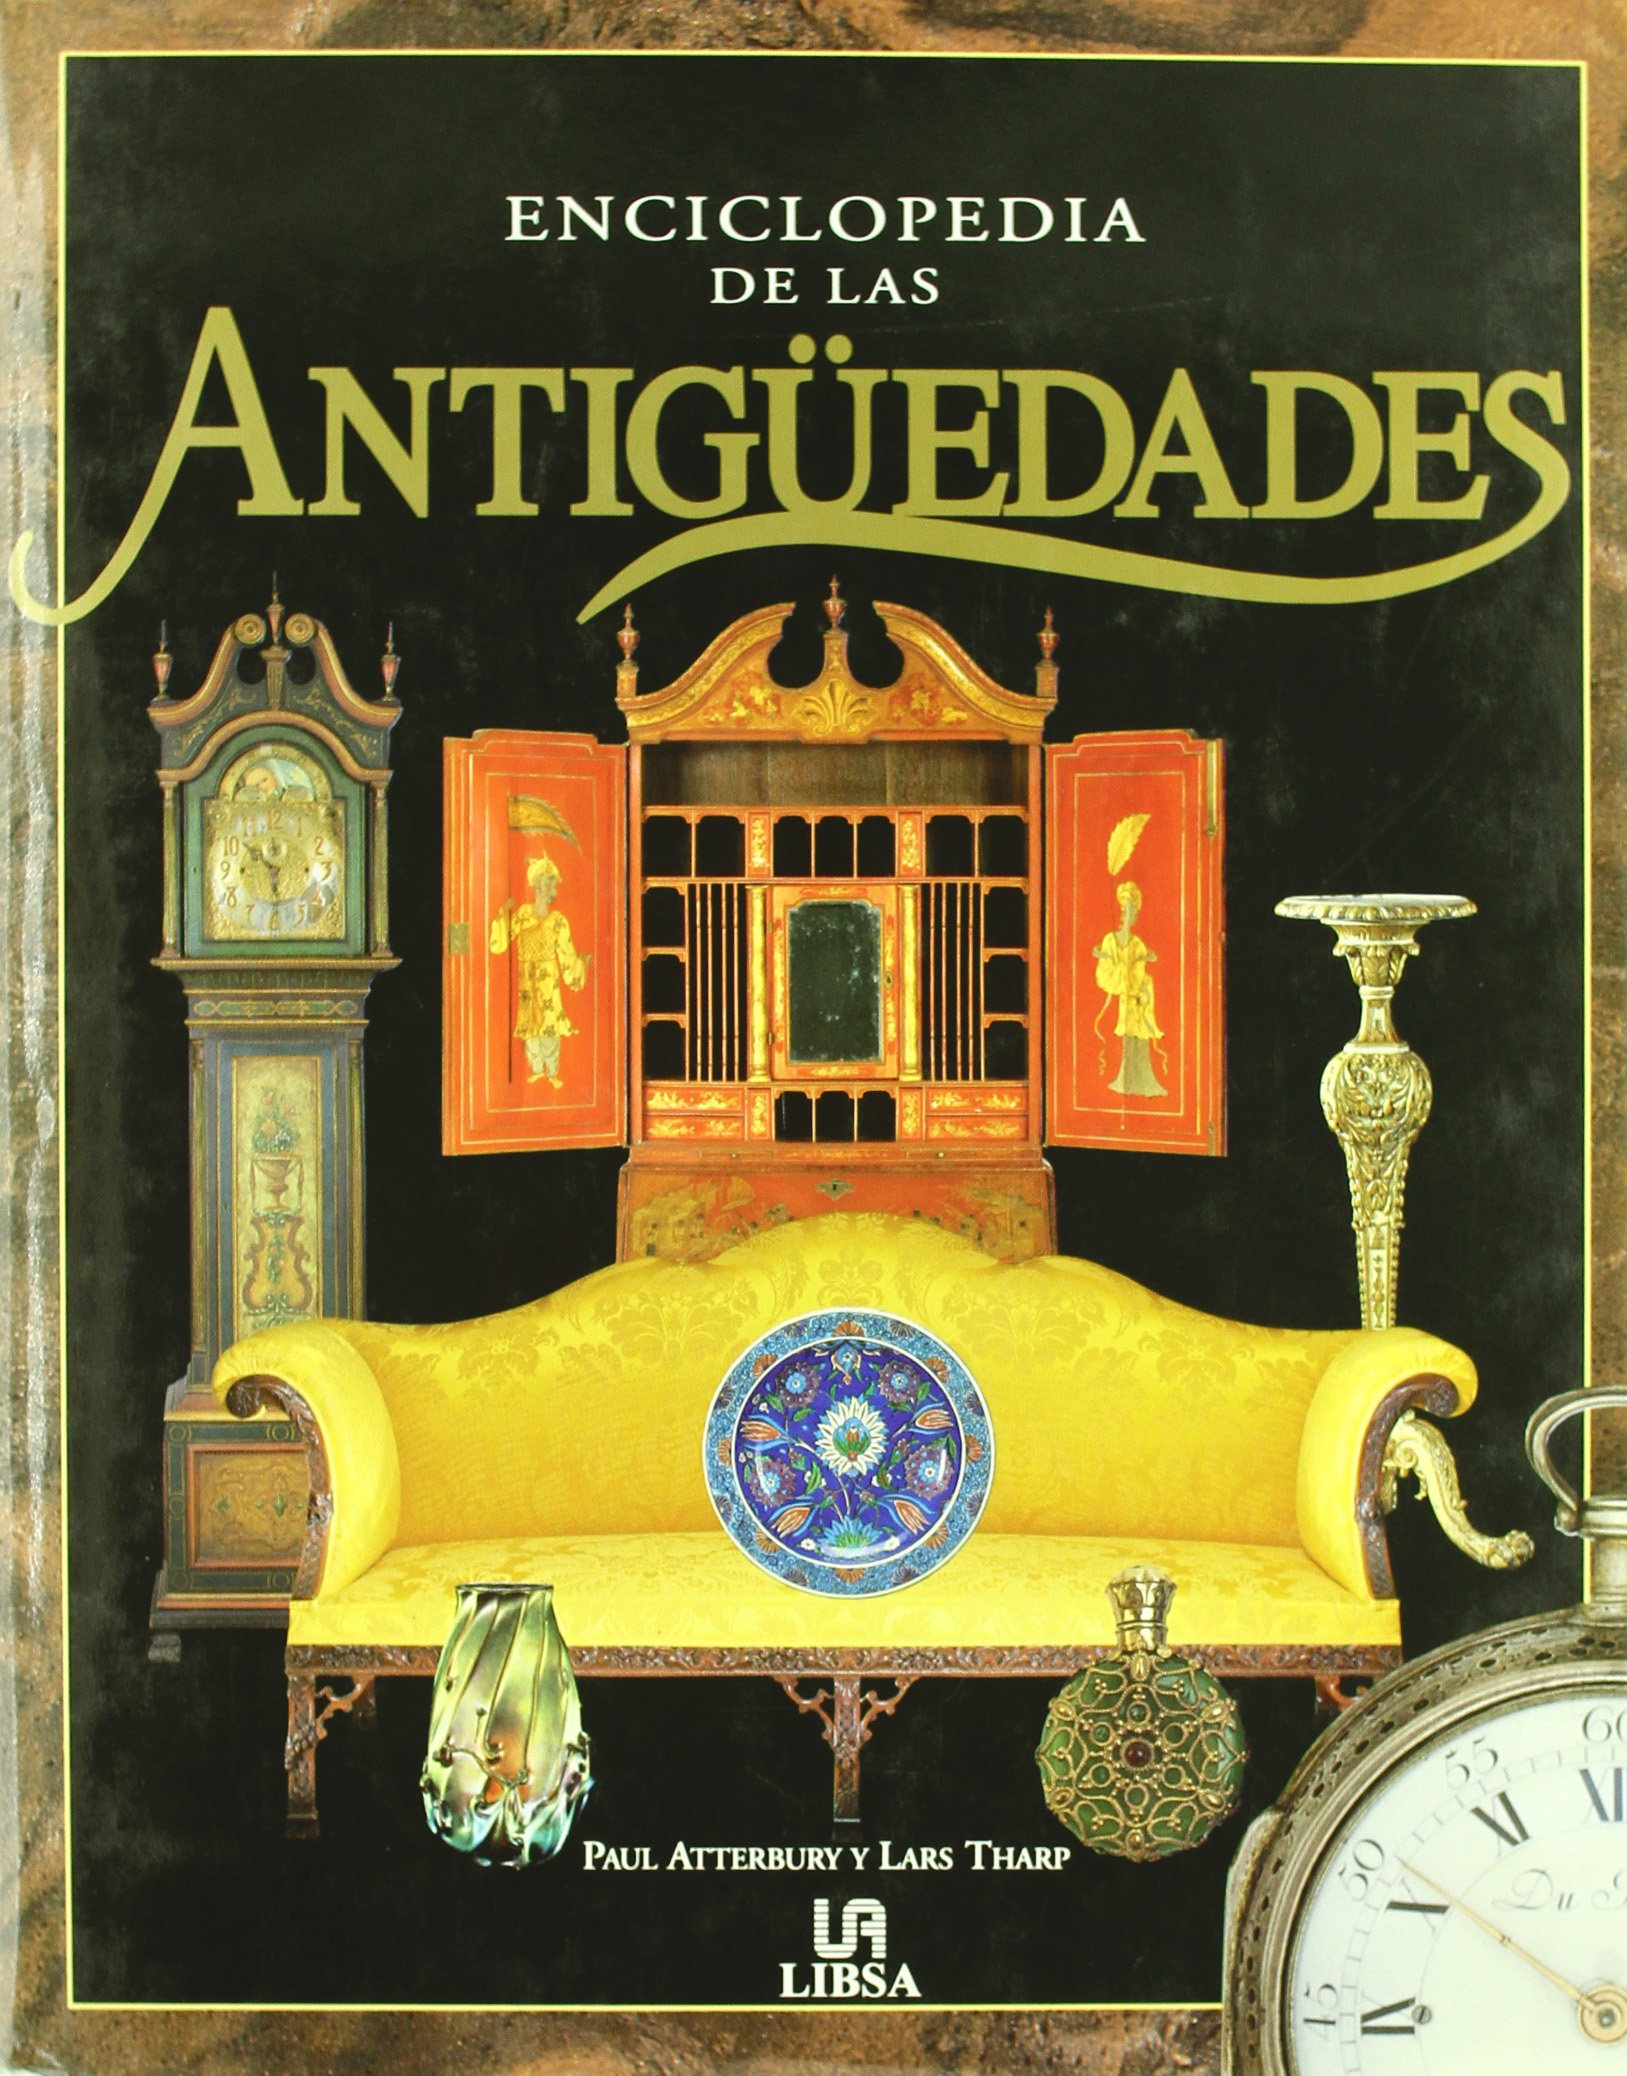 Enciclopedia de las antigüedades Paperback – 1998